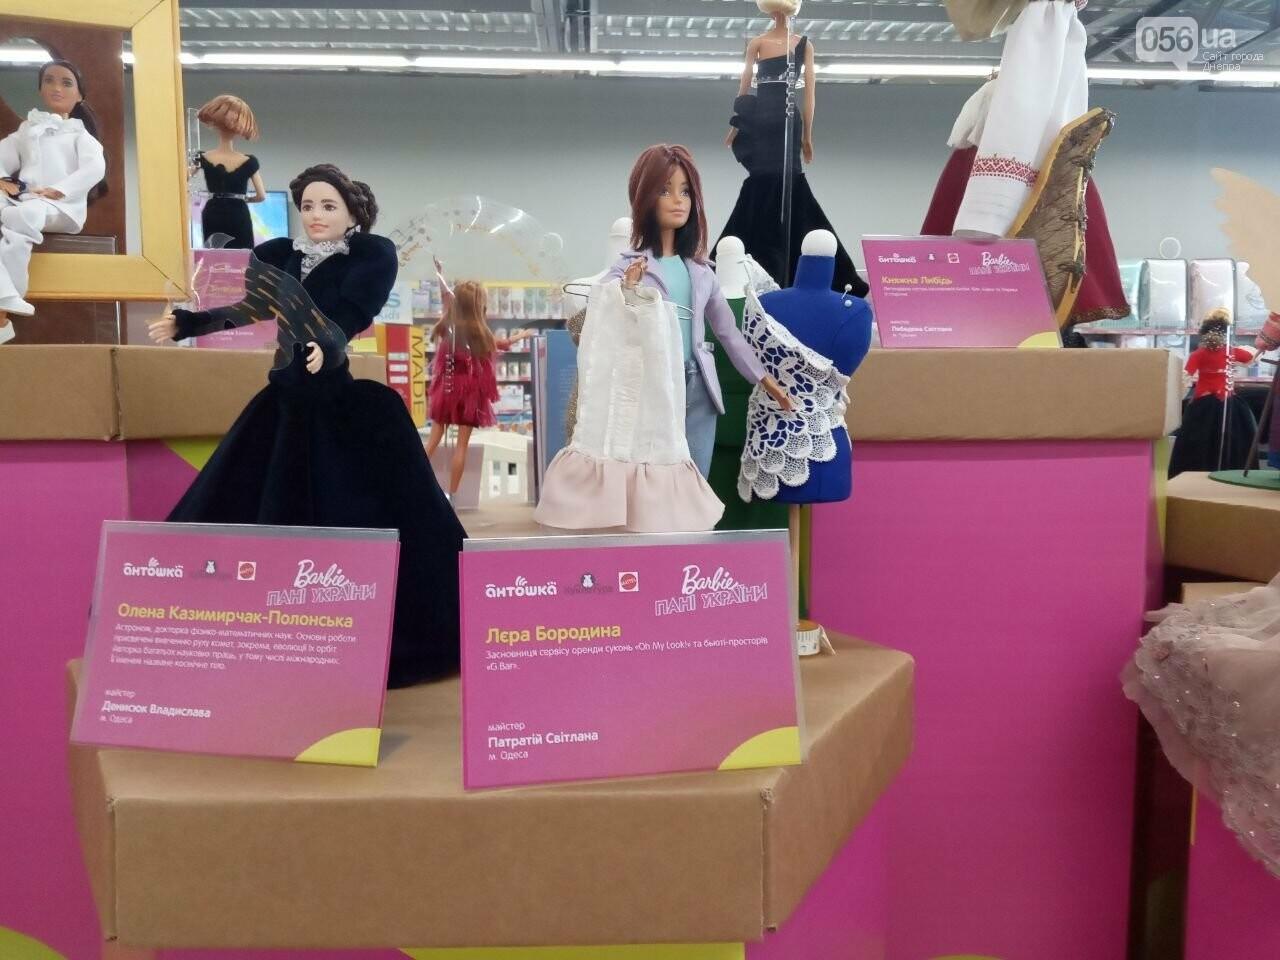 В Днепре продолжают гостить куклы Barbie, - ФОТО, фото-4